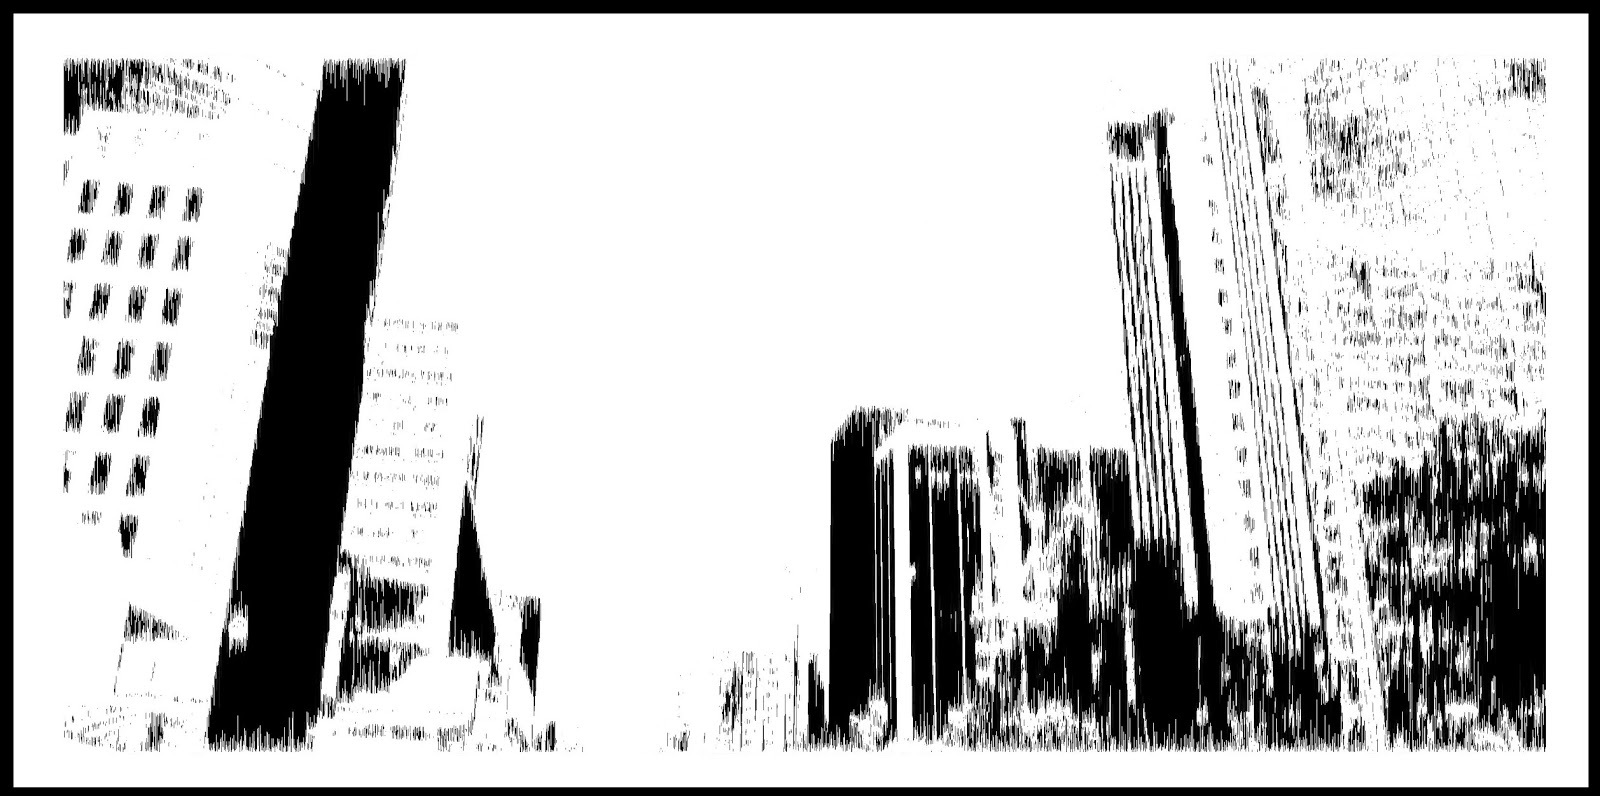 Galeria de Gravuras Fotográficas Digital da Avenida